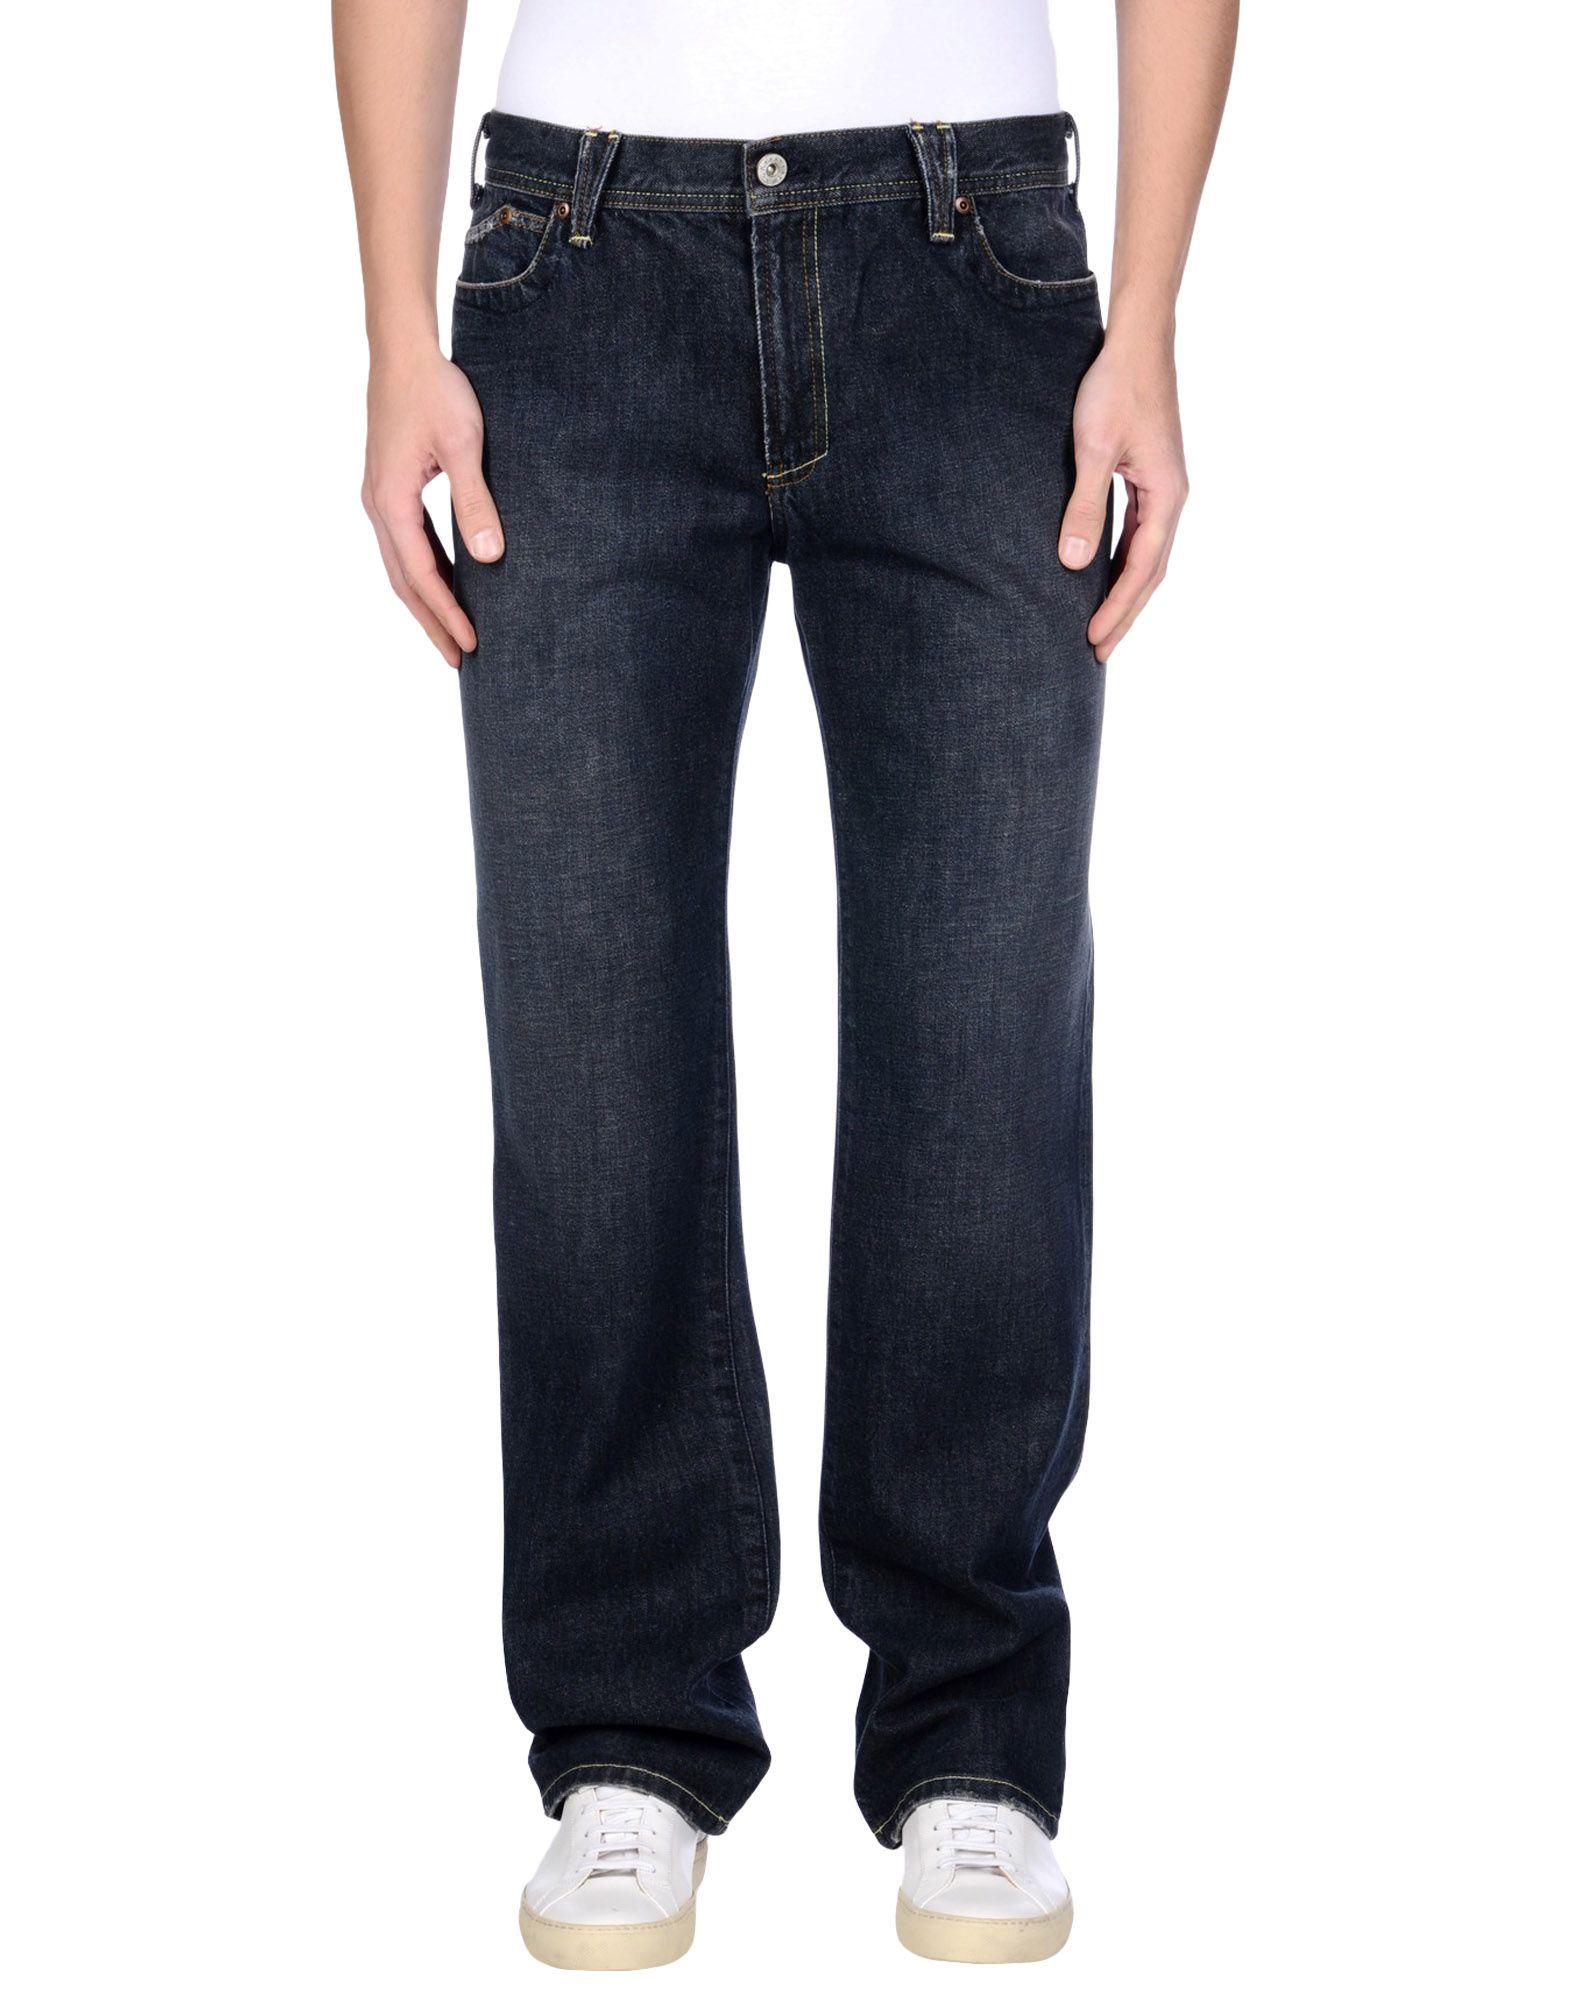 《送料無料》YANUK メンズ ジーンズ ブルー 33 コットン 100%